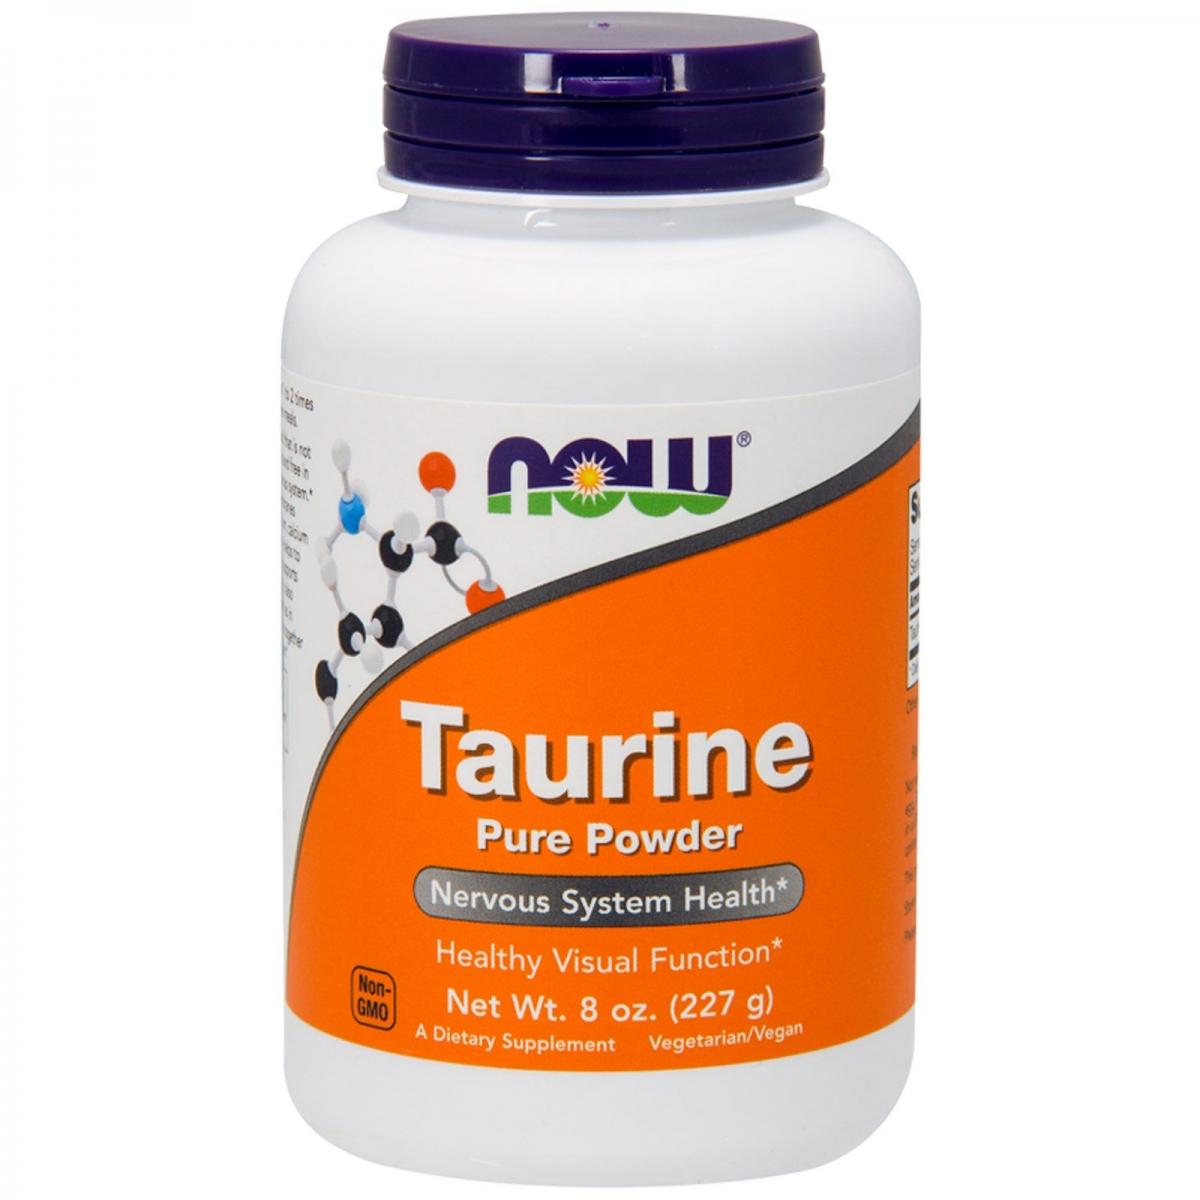 NOW Taurine Powder 227g